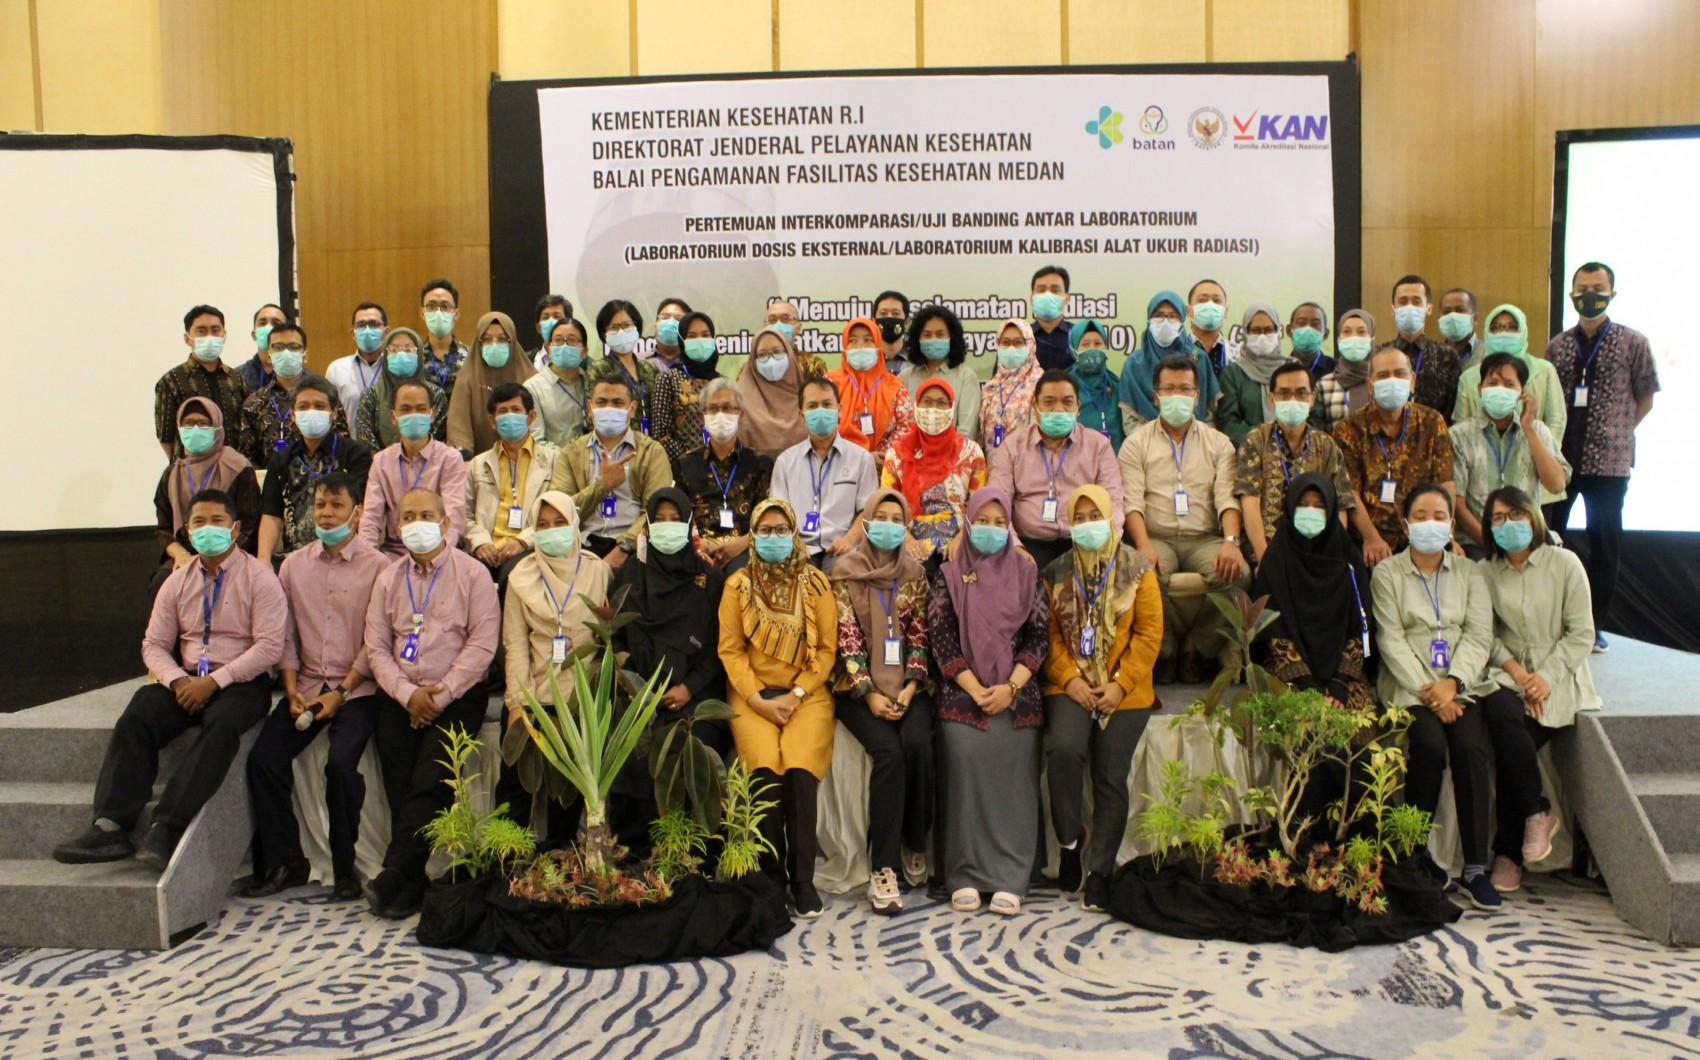 Pertemuan Interkomparasi / Uji Banding Antar Laboratorium Di BPFK Medan